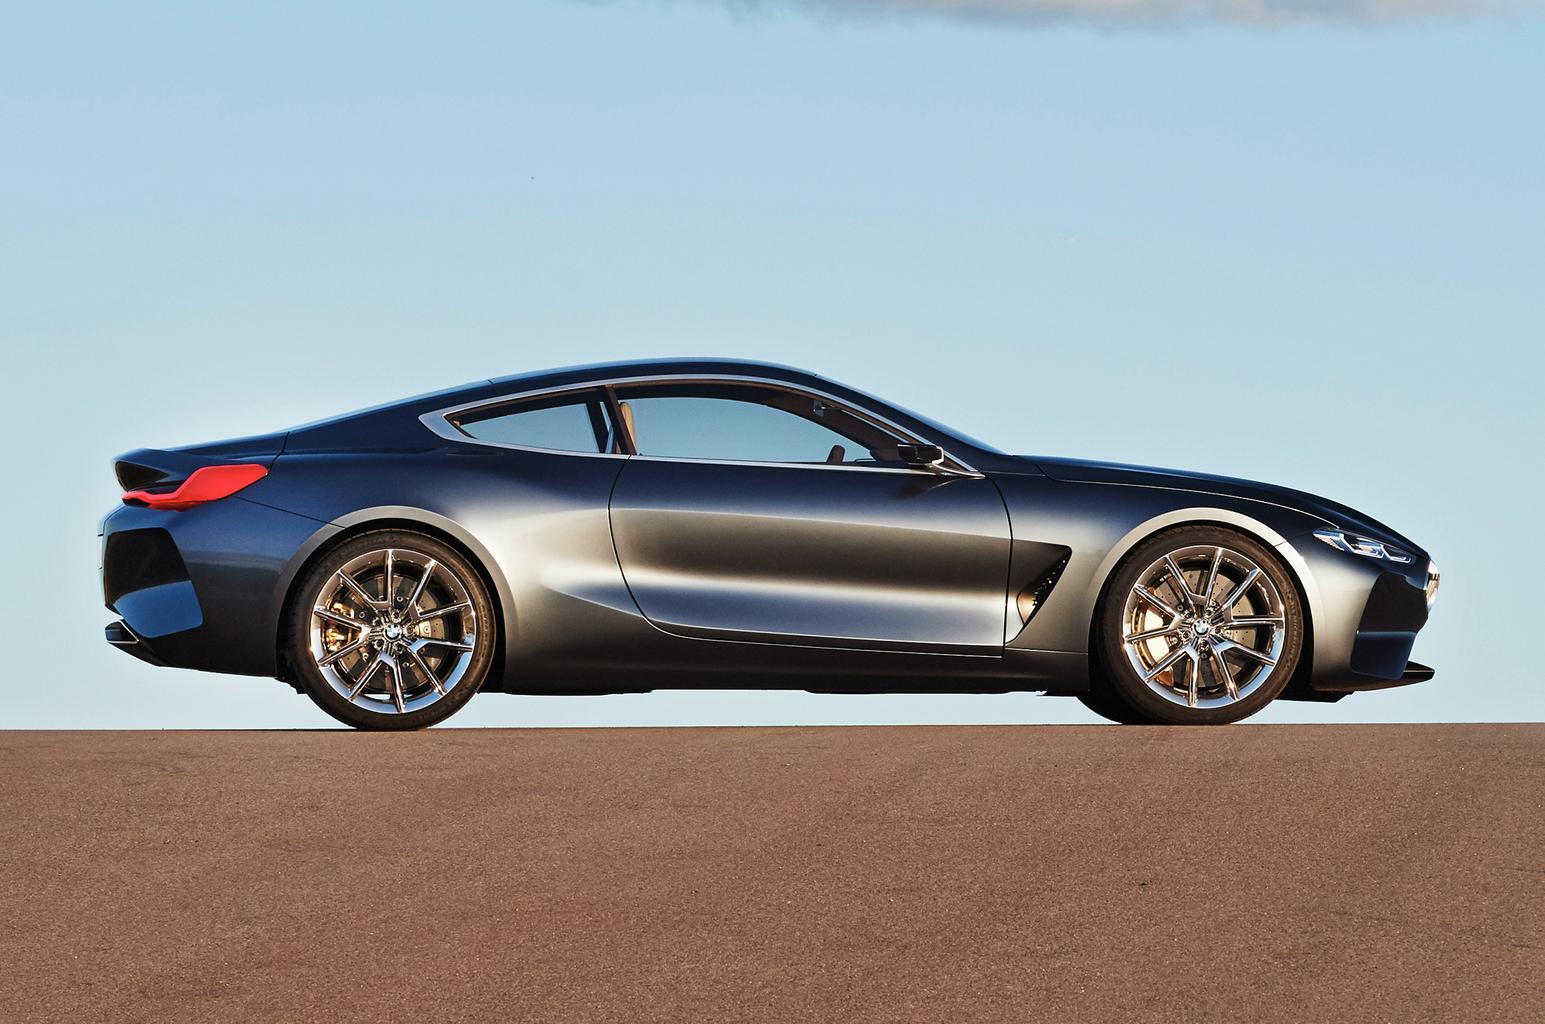 BMW 8 Series coupé revealed